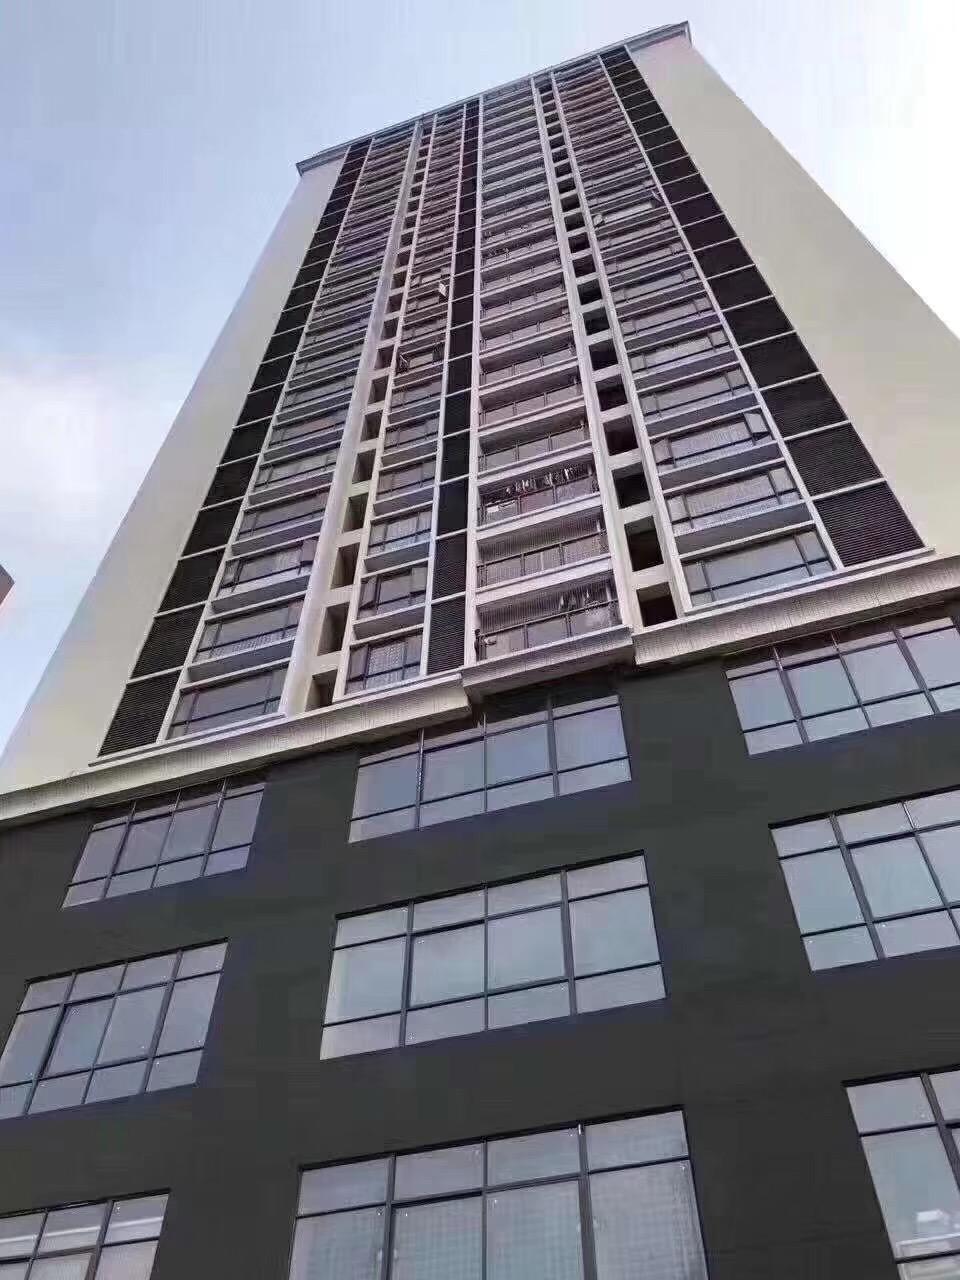 深圳光明新城附近小产权房有哪些?